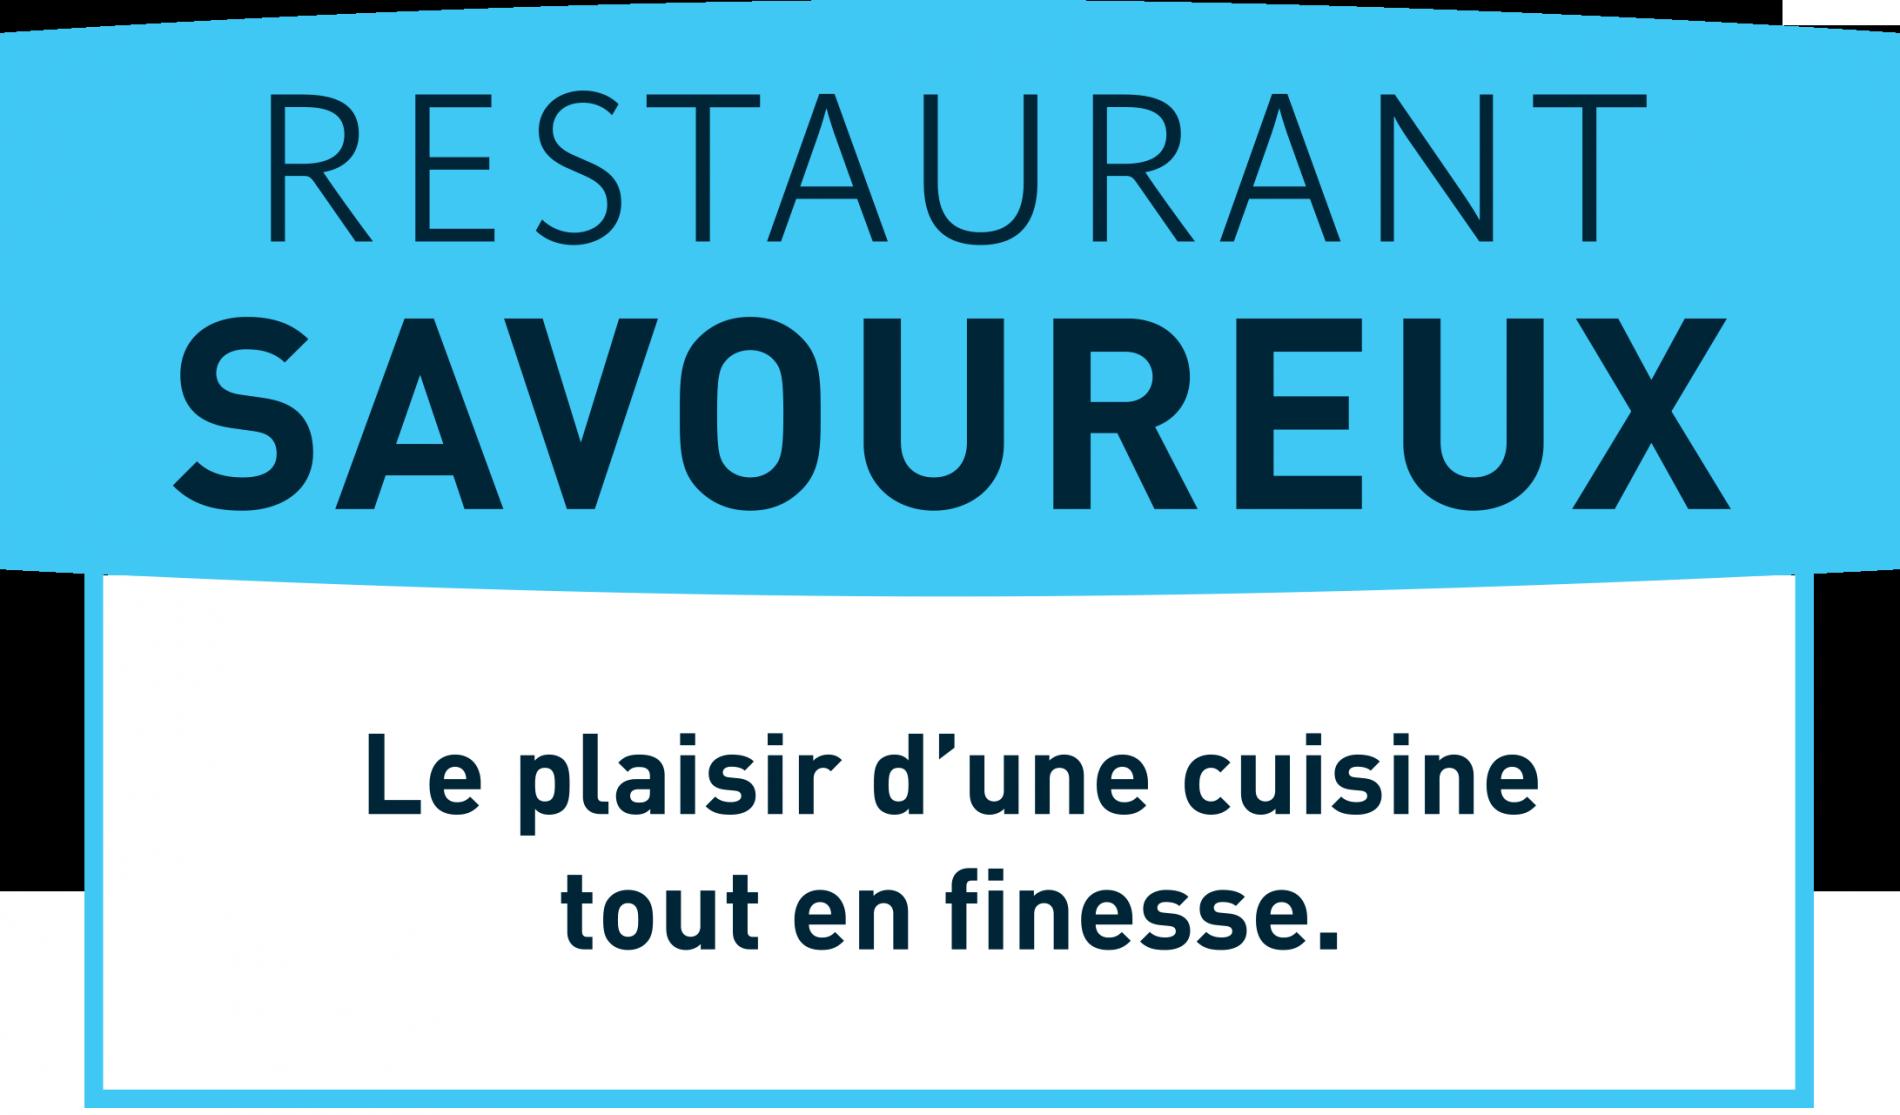 Logis Restaurant Savoureux à Biscarosse La Forestiere